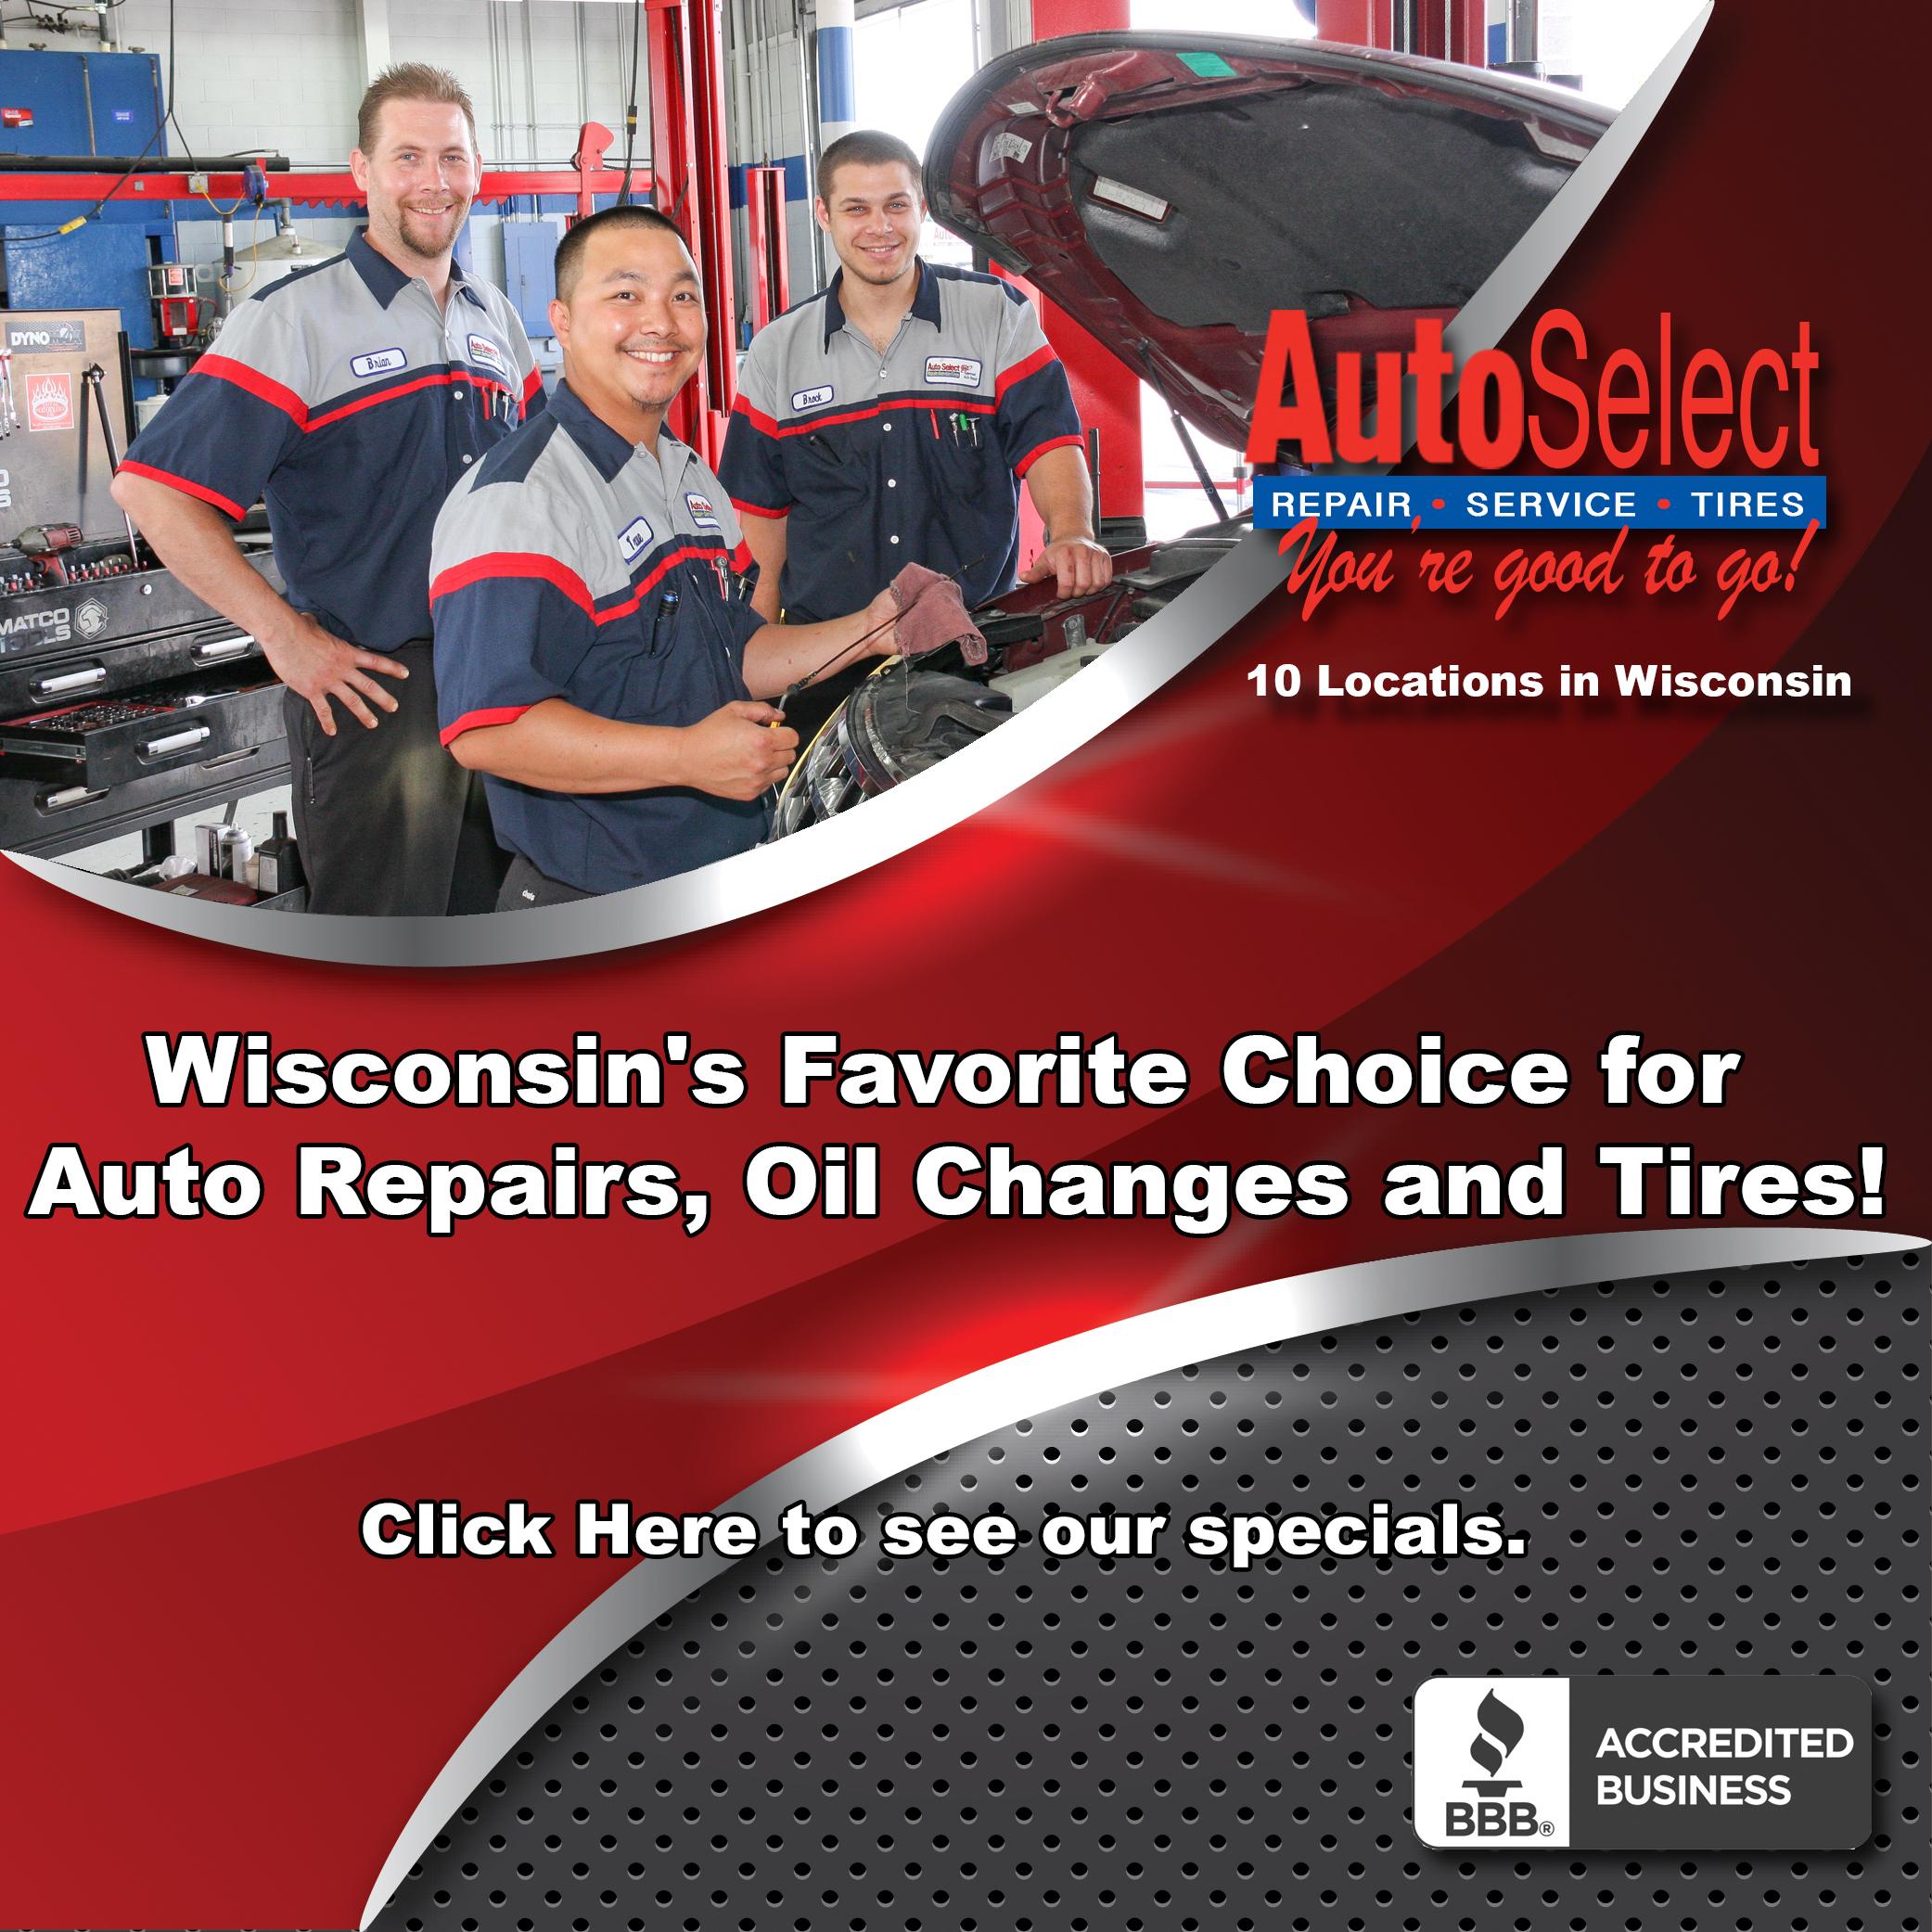 Best Tires Shop in Appleton WI